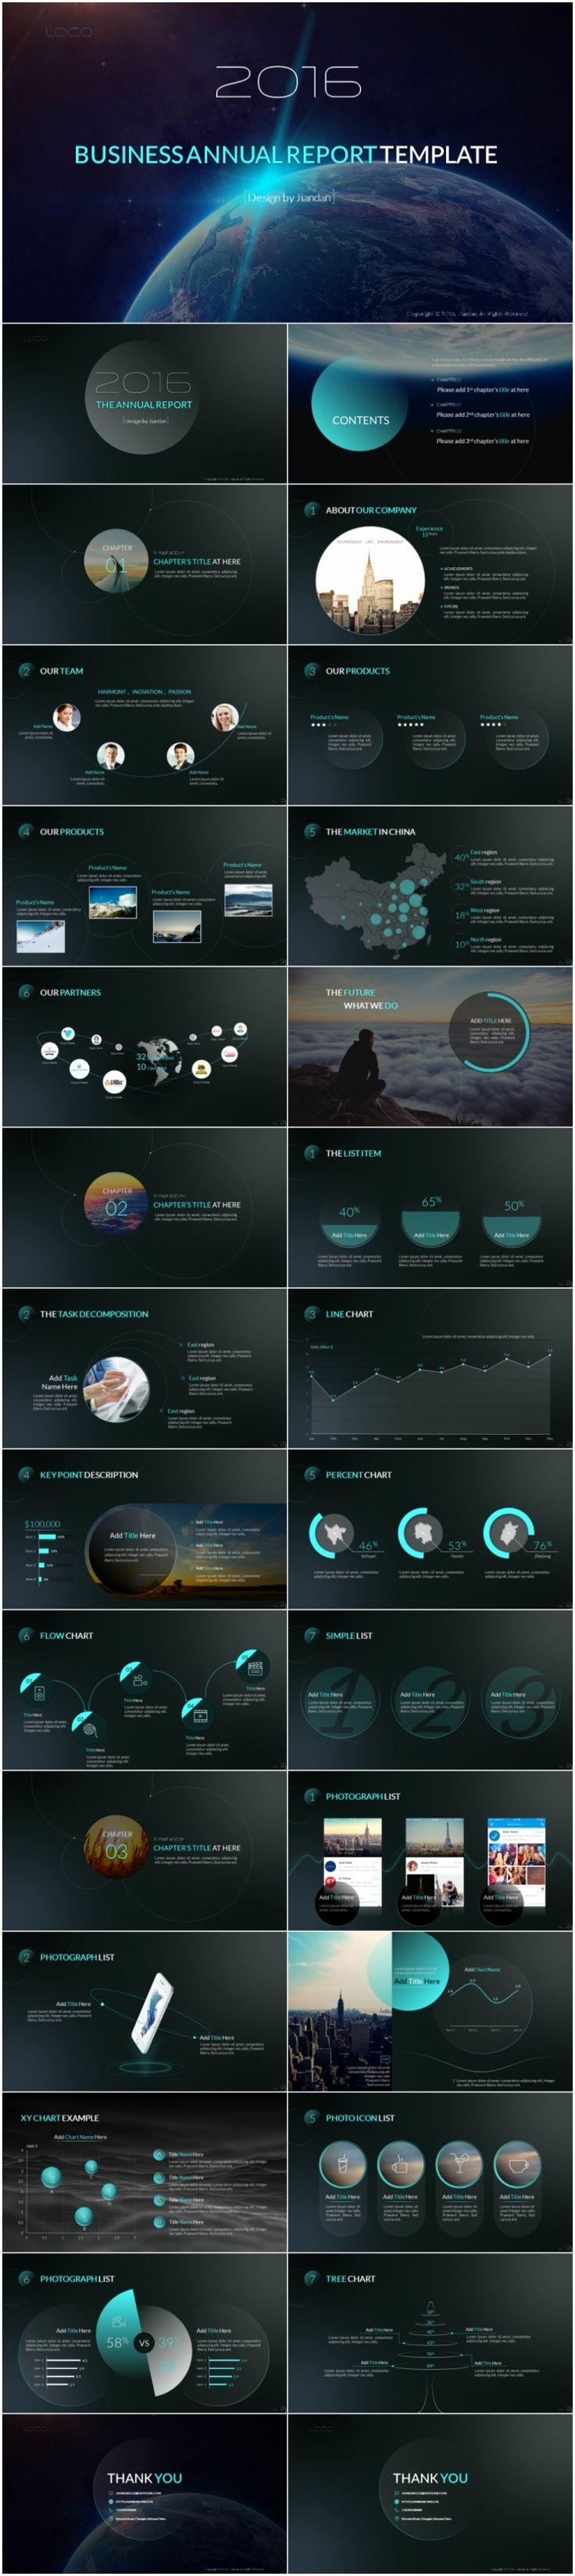 [简单出品]2016年终简约商务汇报演示模版之Circle - 演界网,中国首家演示设计交易平台